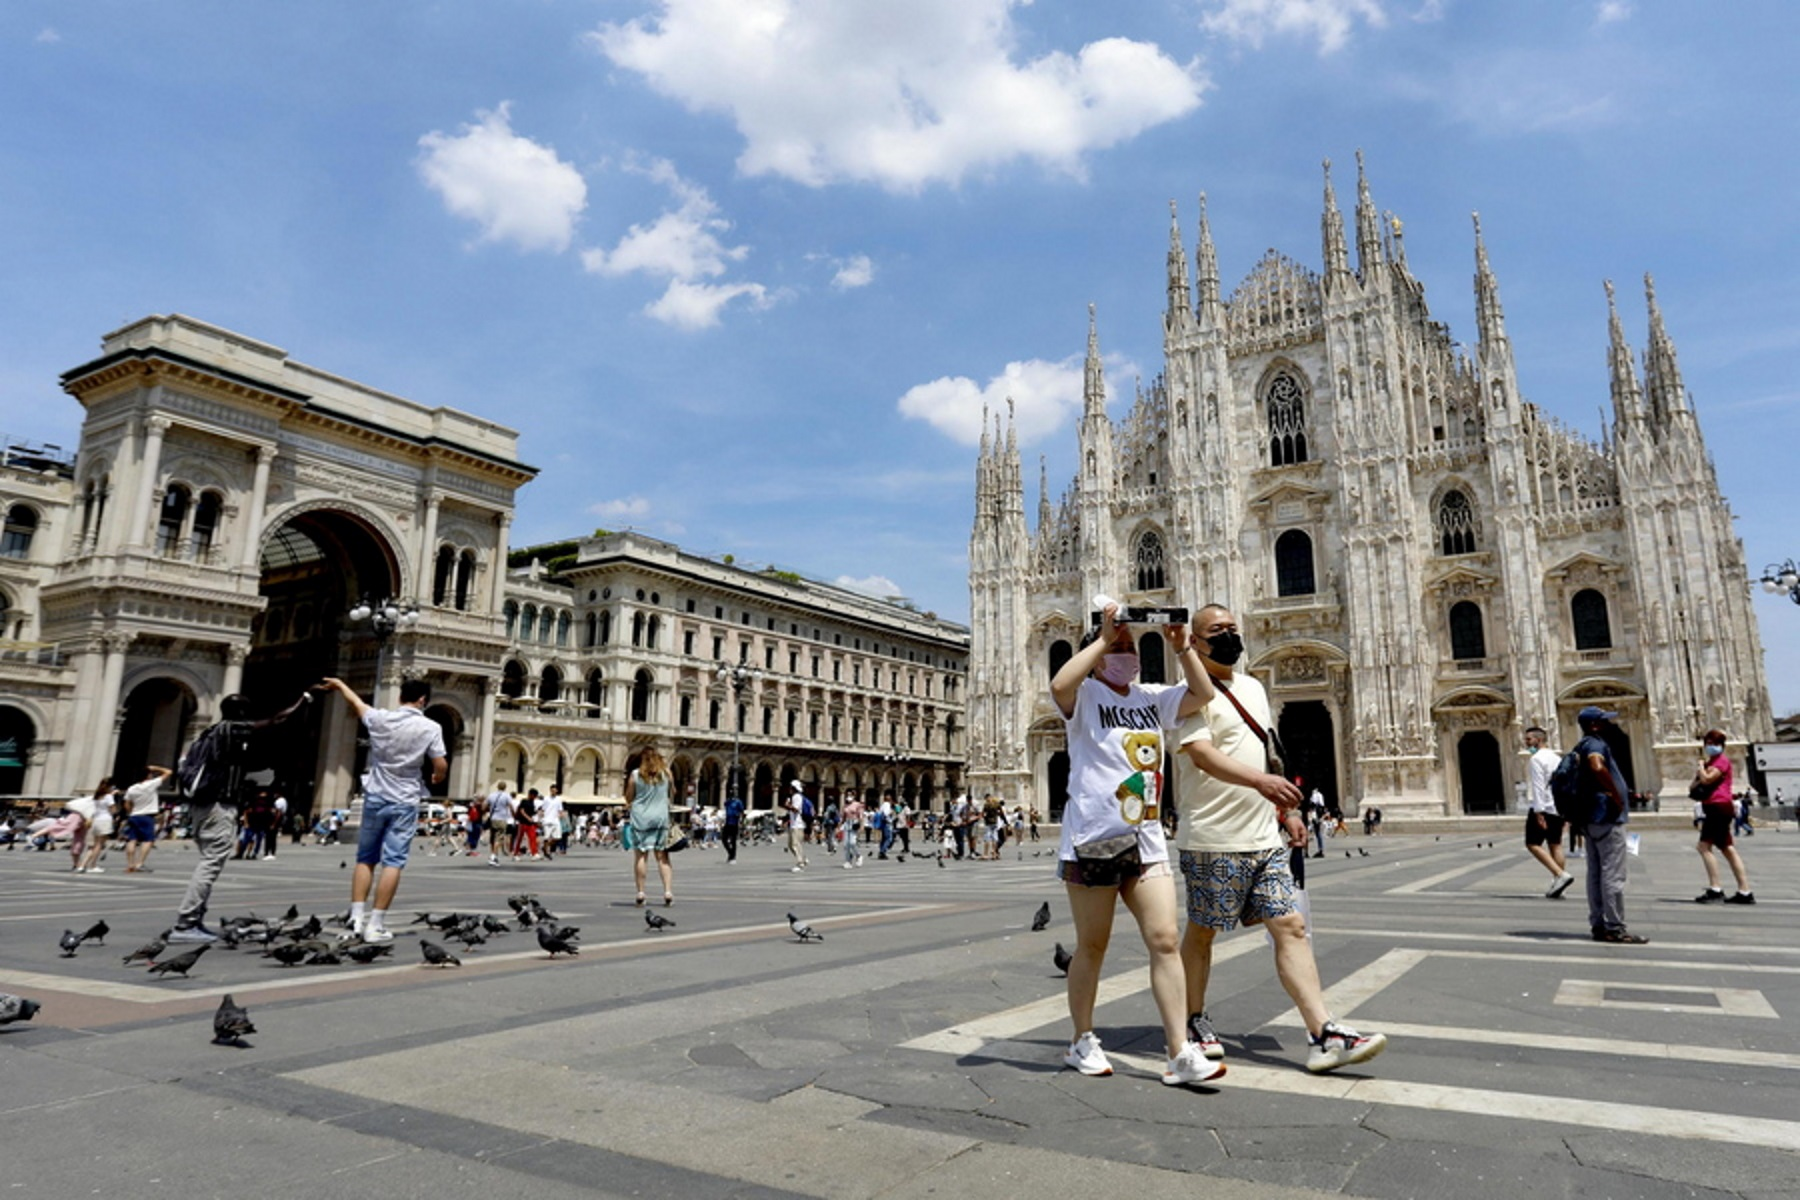 Κορονοϊός – Ιταλία: Χαλαρώνουν τα μέτρα σε στάδια, σινεμά και θέατρα